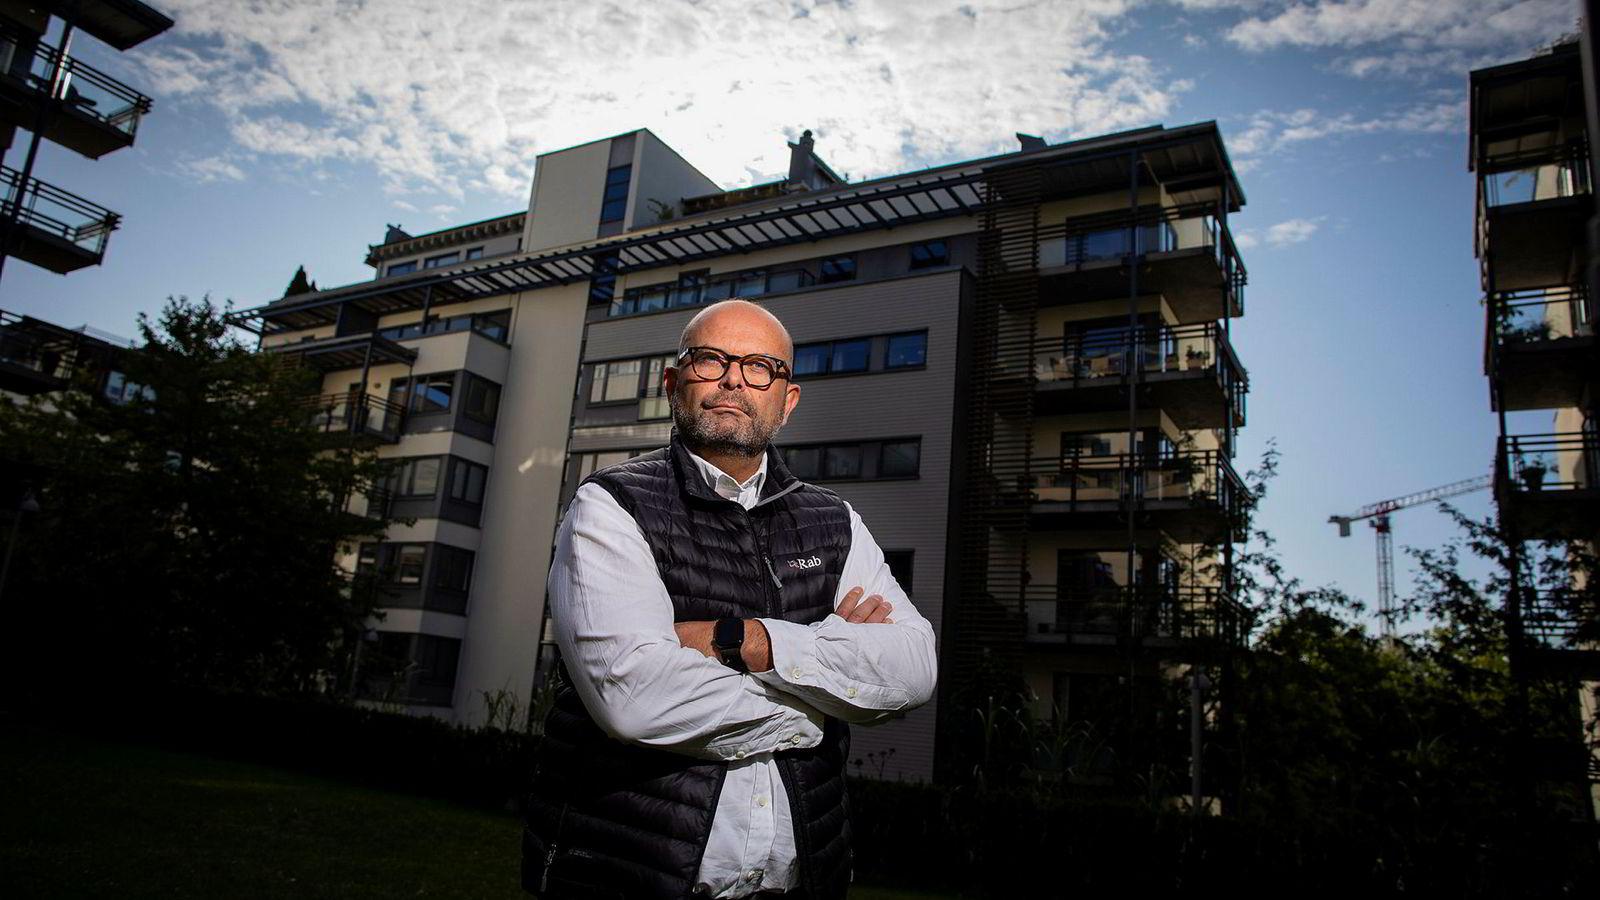 Eiendomsutvikler Terje Tinholt mener Finanstilsynets forslag til ny boliglånsforskrift vil føre til at det bygges færre boliger, og kun er gunstig for dem som allerede har mye penger.